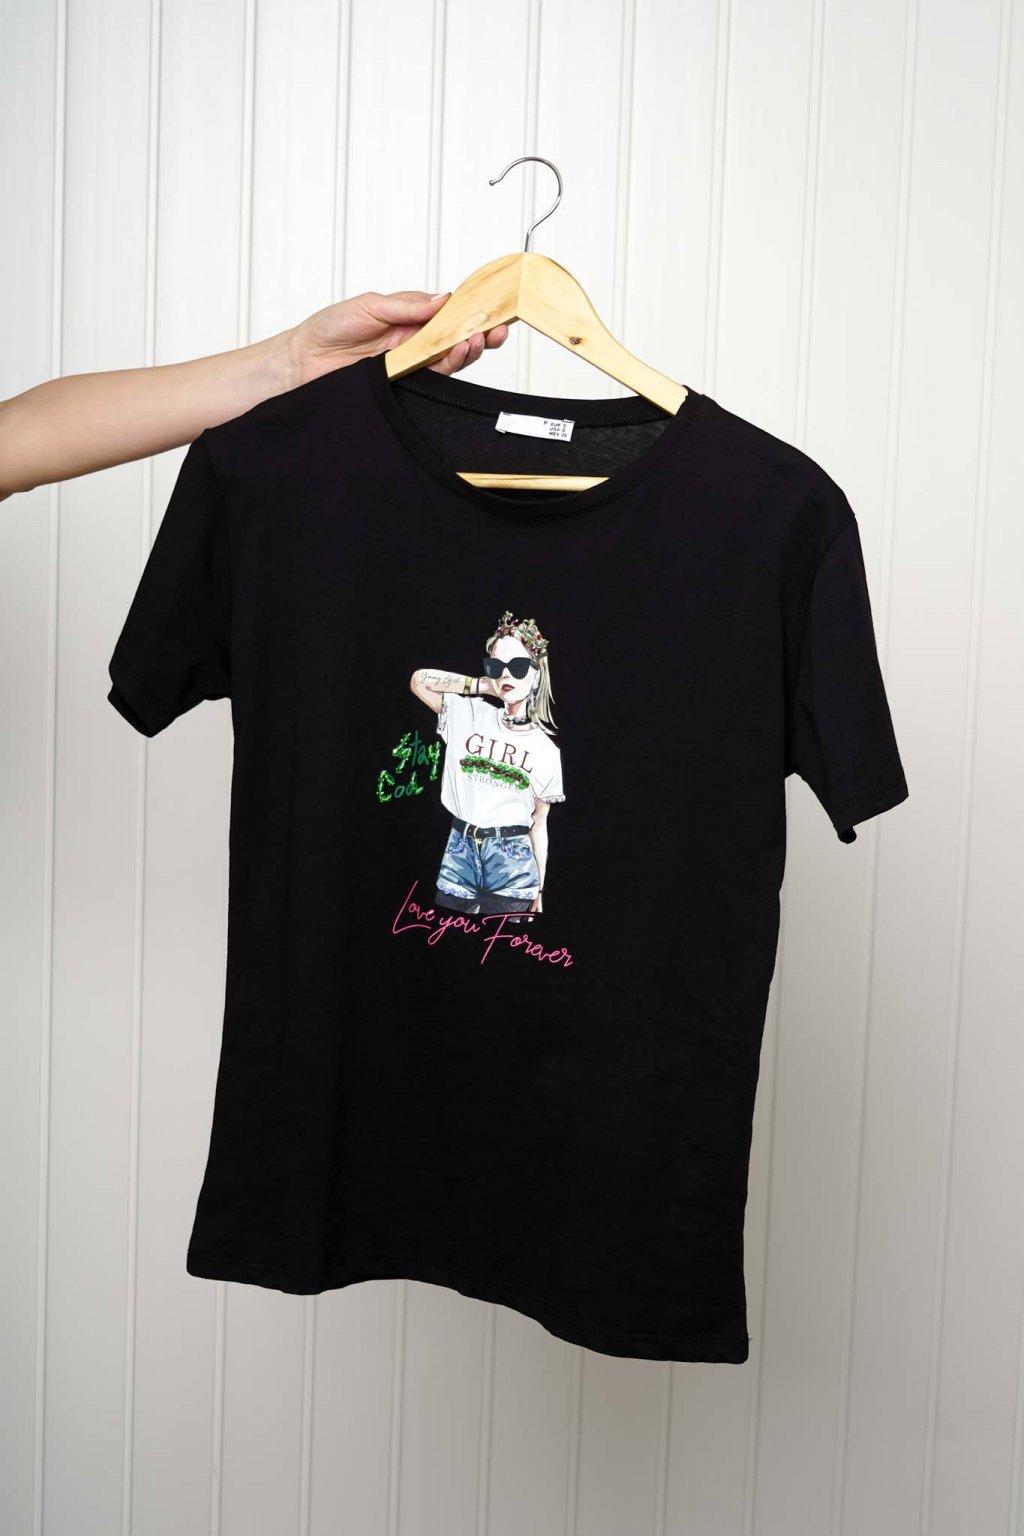 tričko, tričkové šaty, biele, čierne, žlté, vzorované, potlač, vyšívané, nášivky, fialové, street style, 280